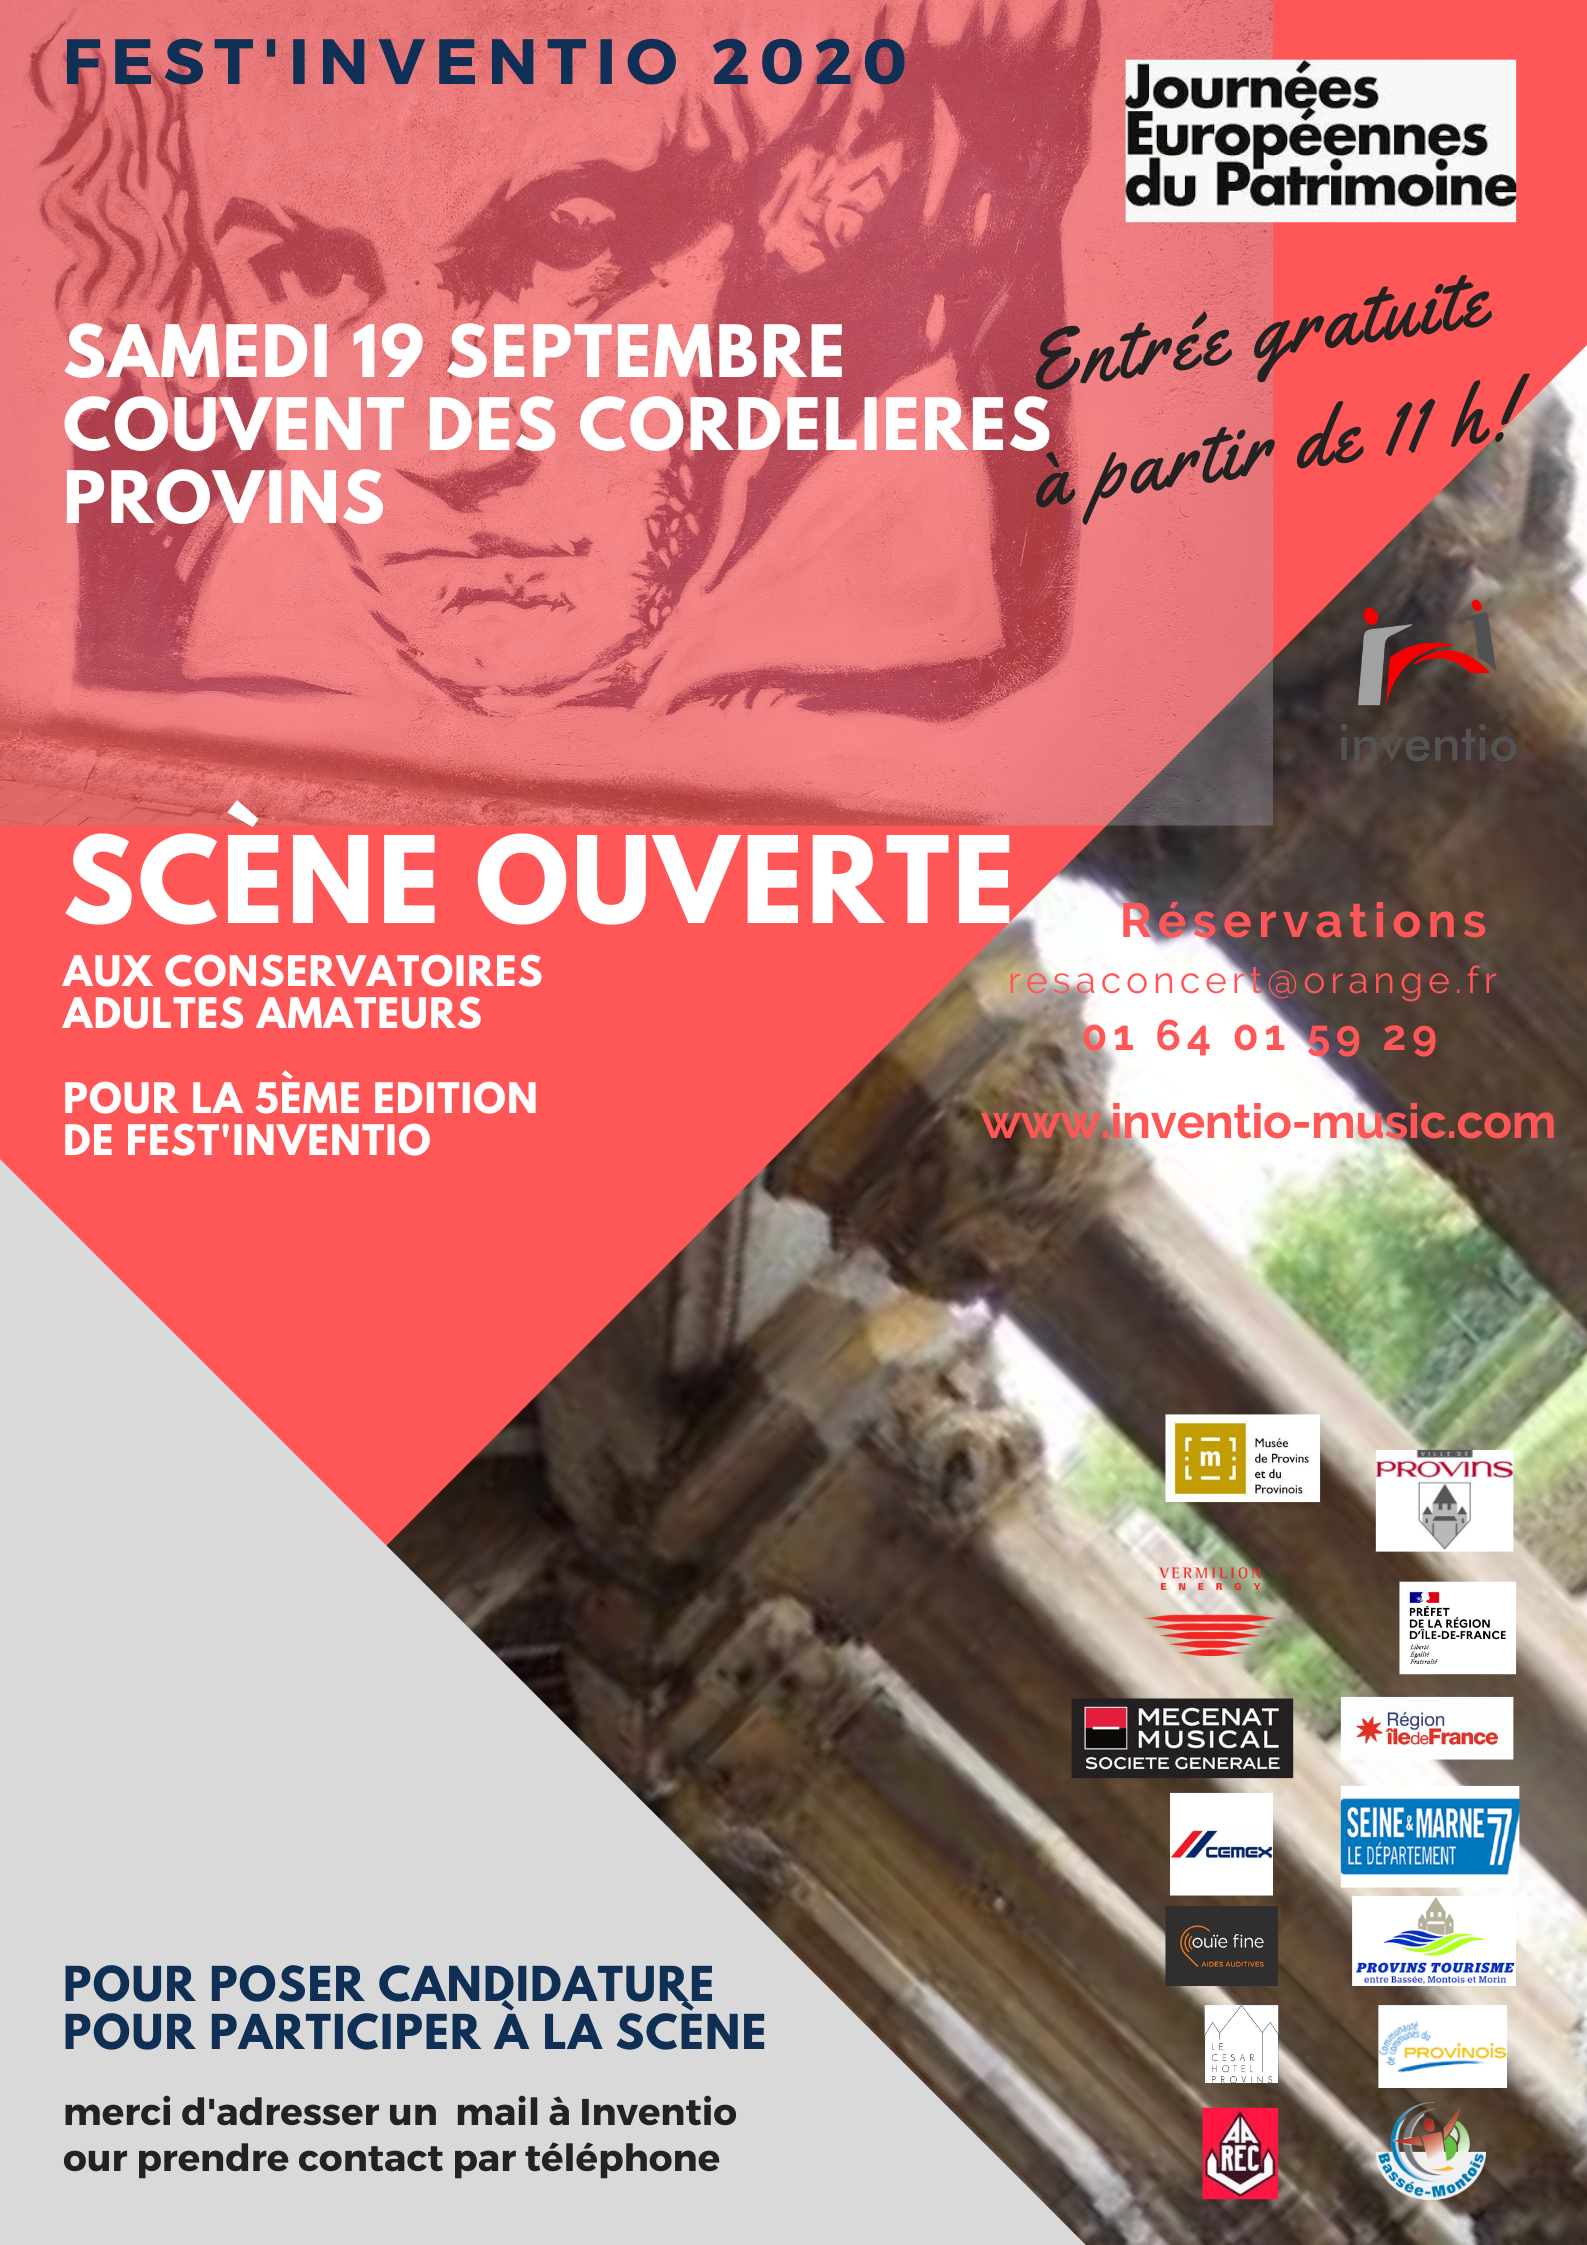 FEST'INVENTION SCENE OUVERTE @ Conservatoire de musique